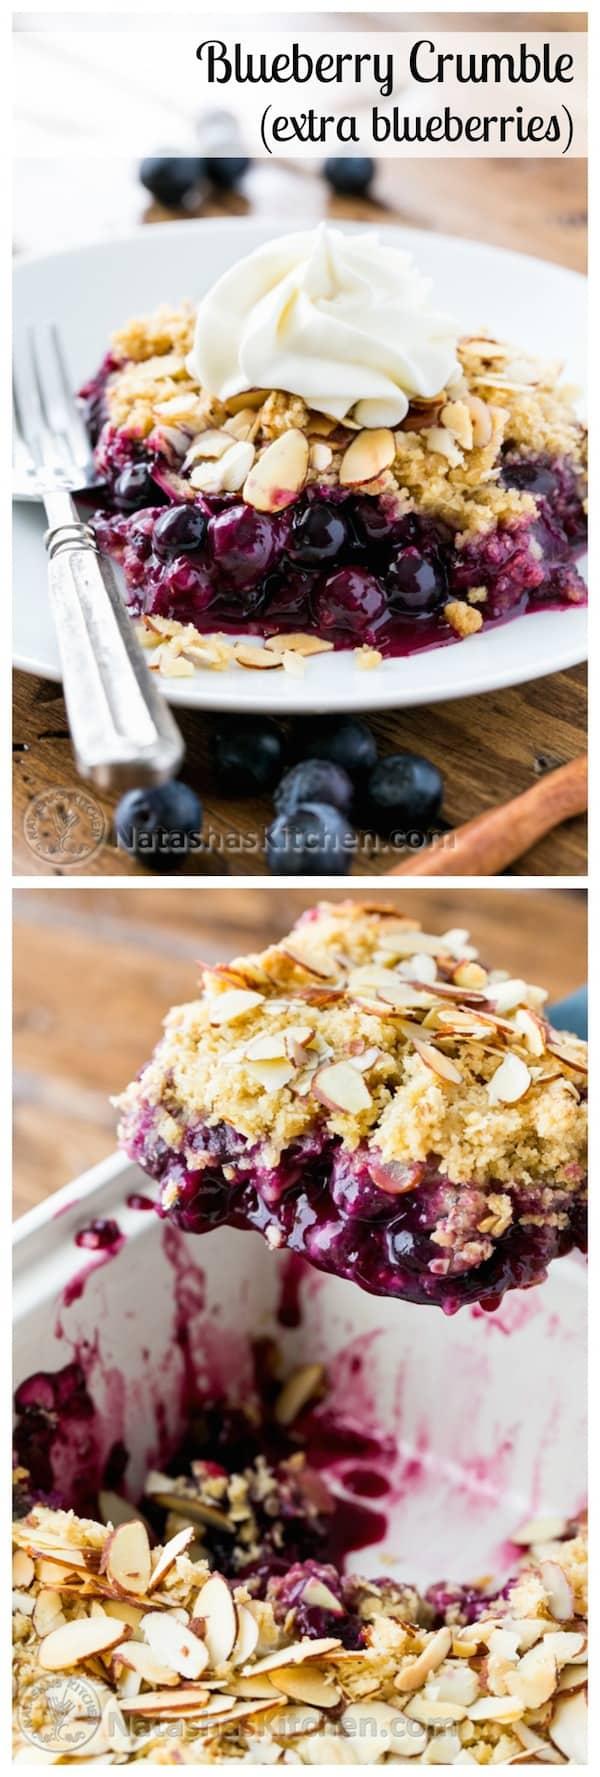 Blueberry crumble for Natashas kitchen